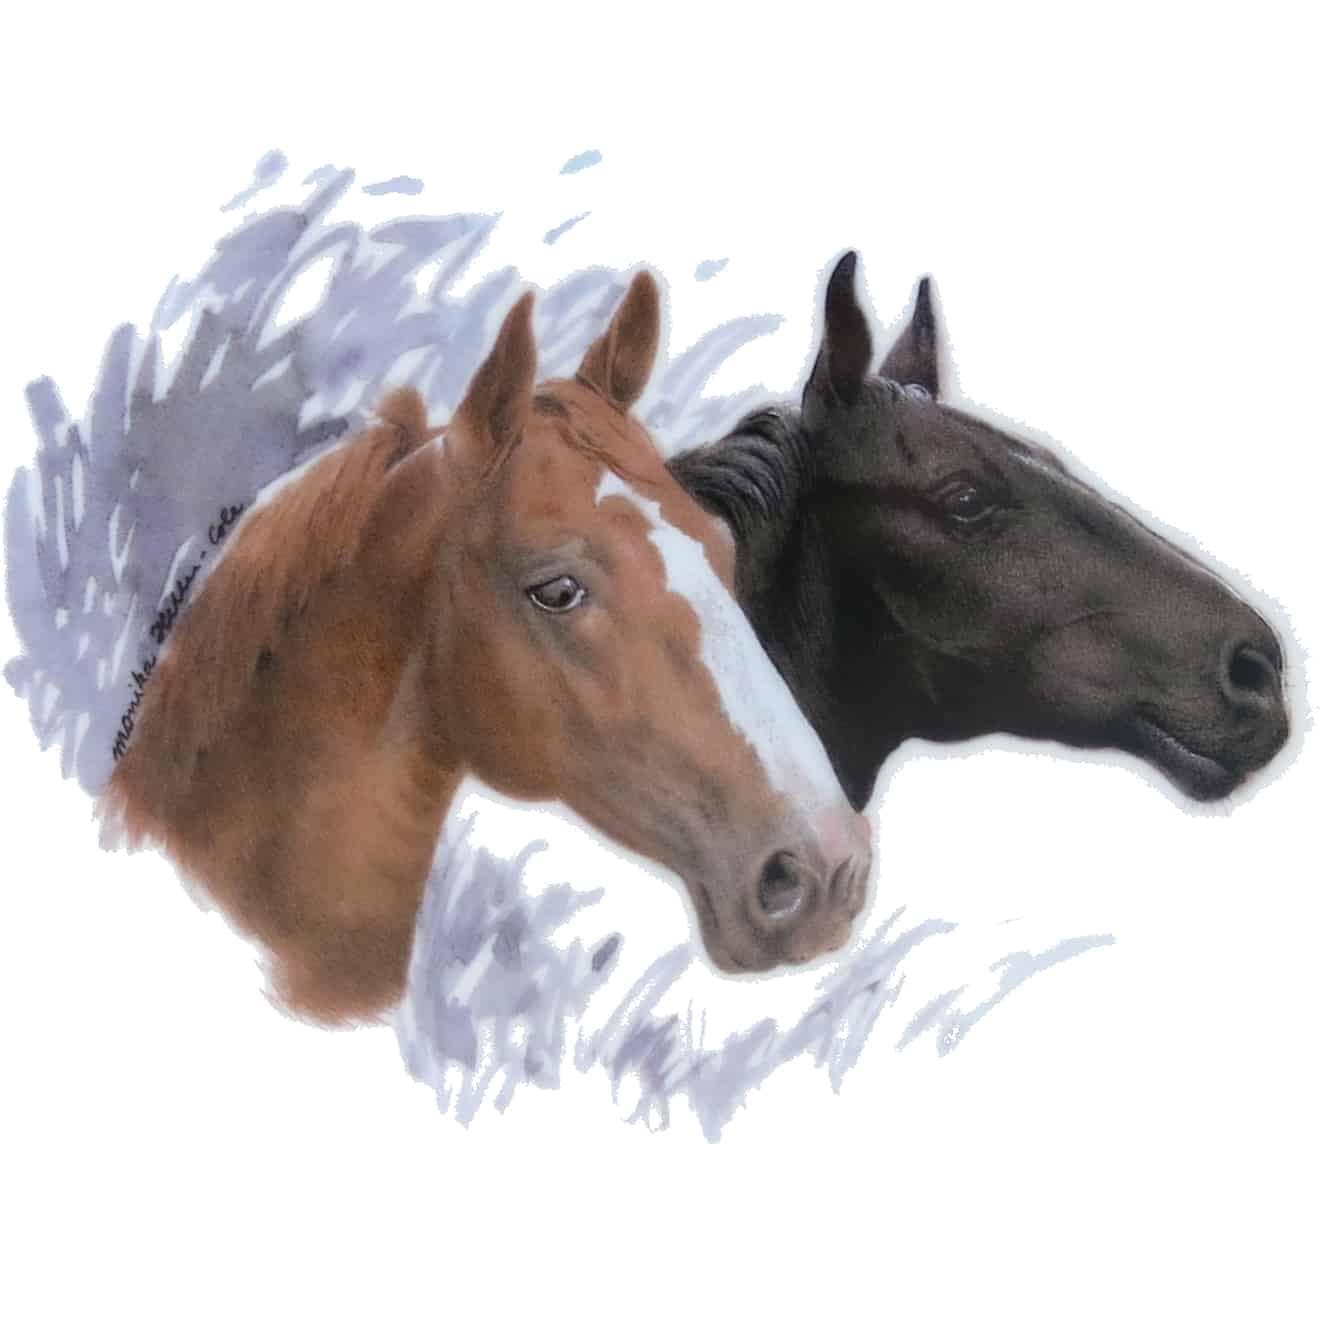 Motiv Pferdeportrait Schwarzer und Brauner